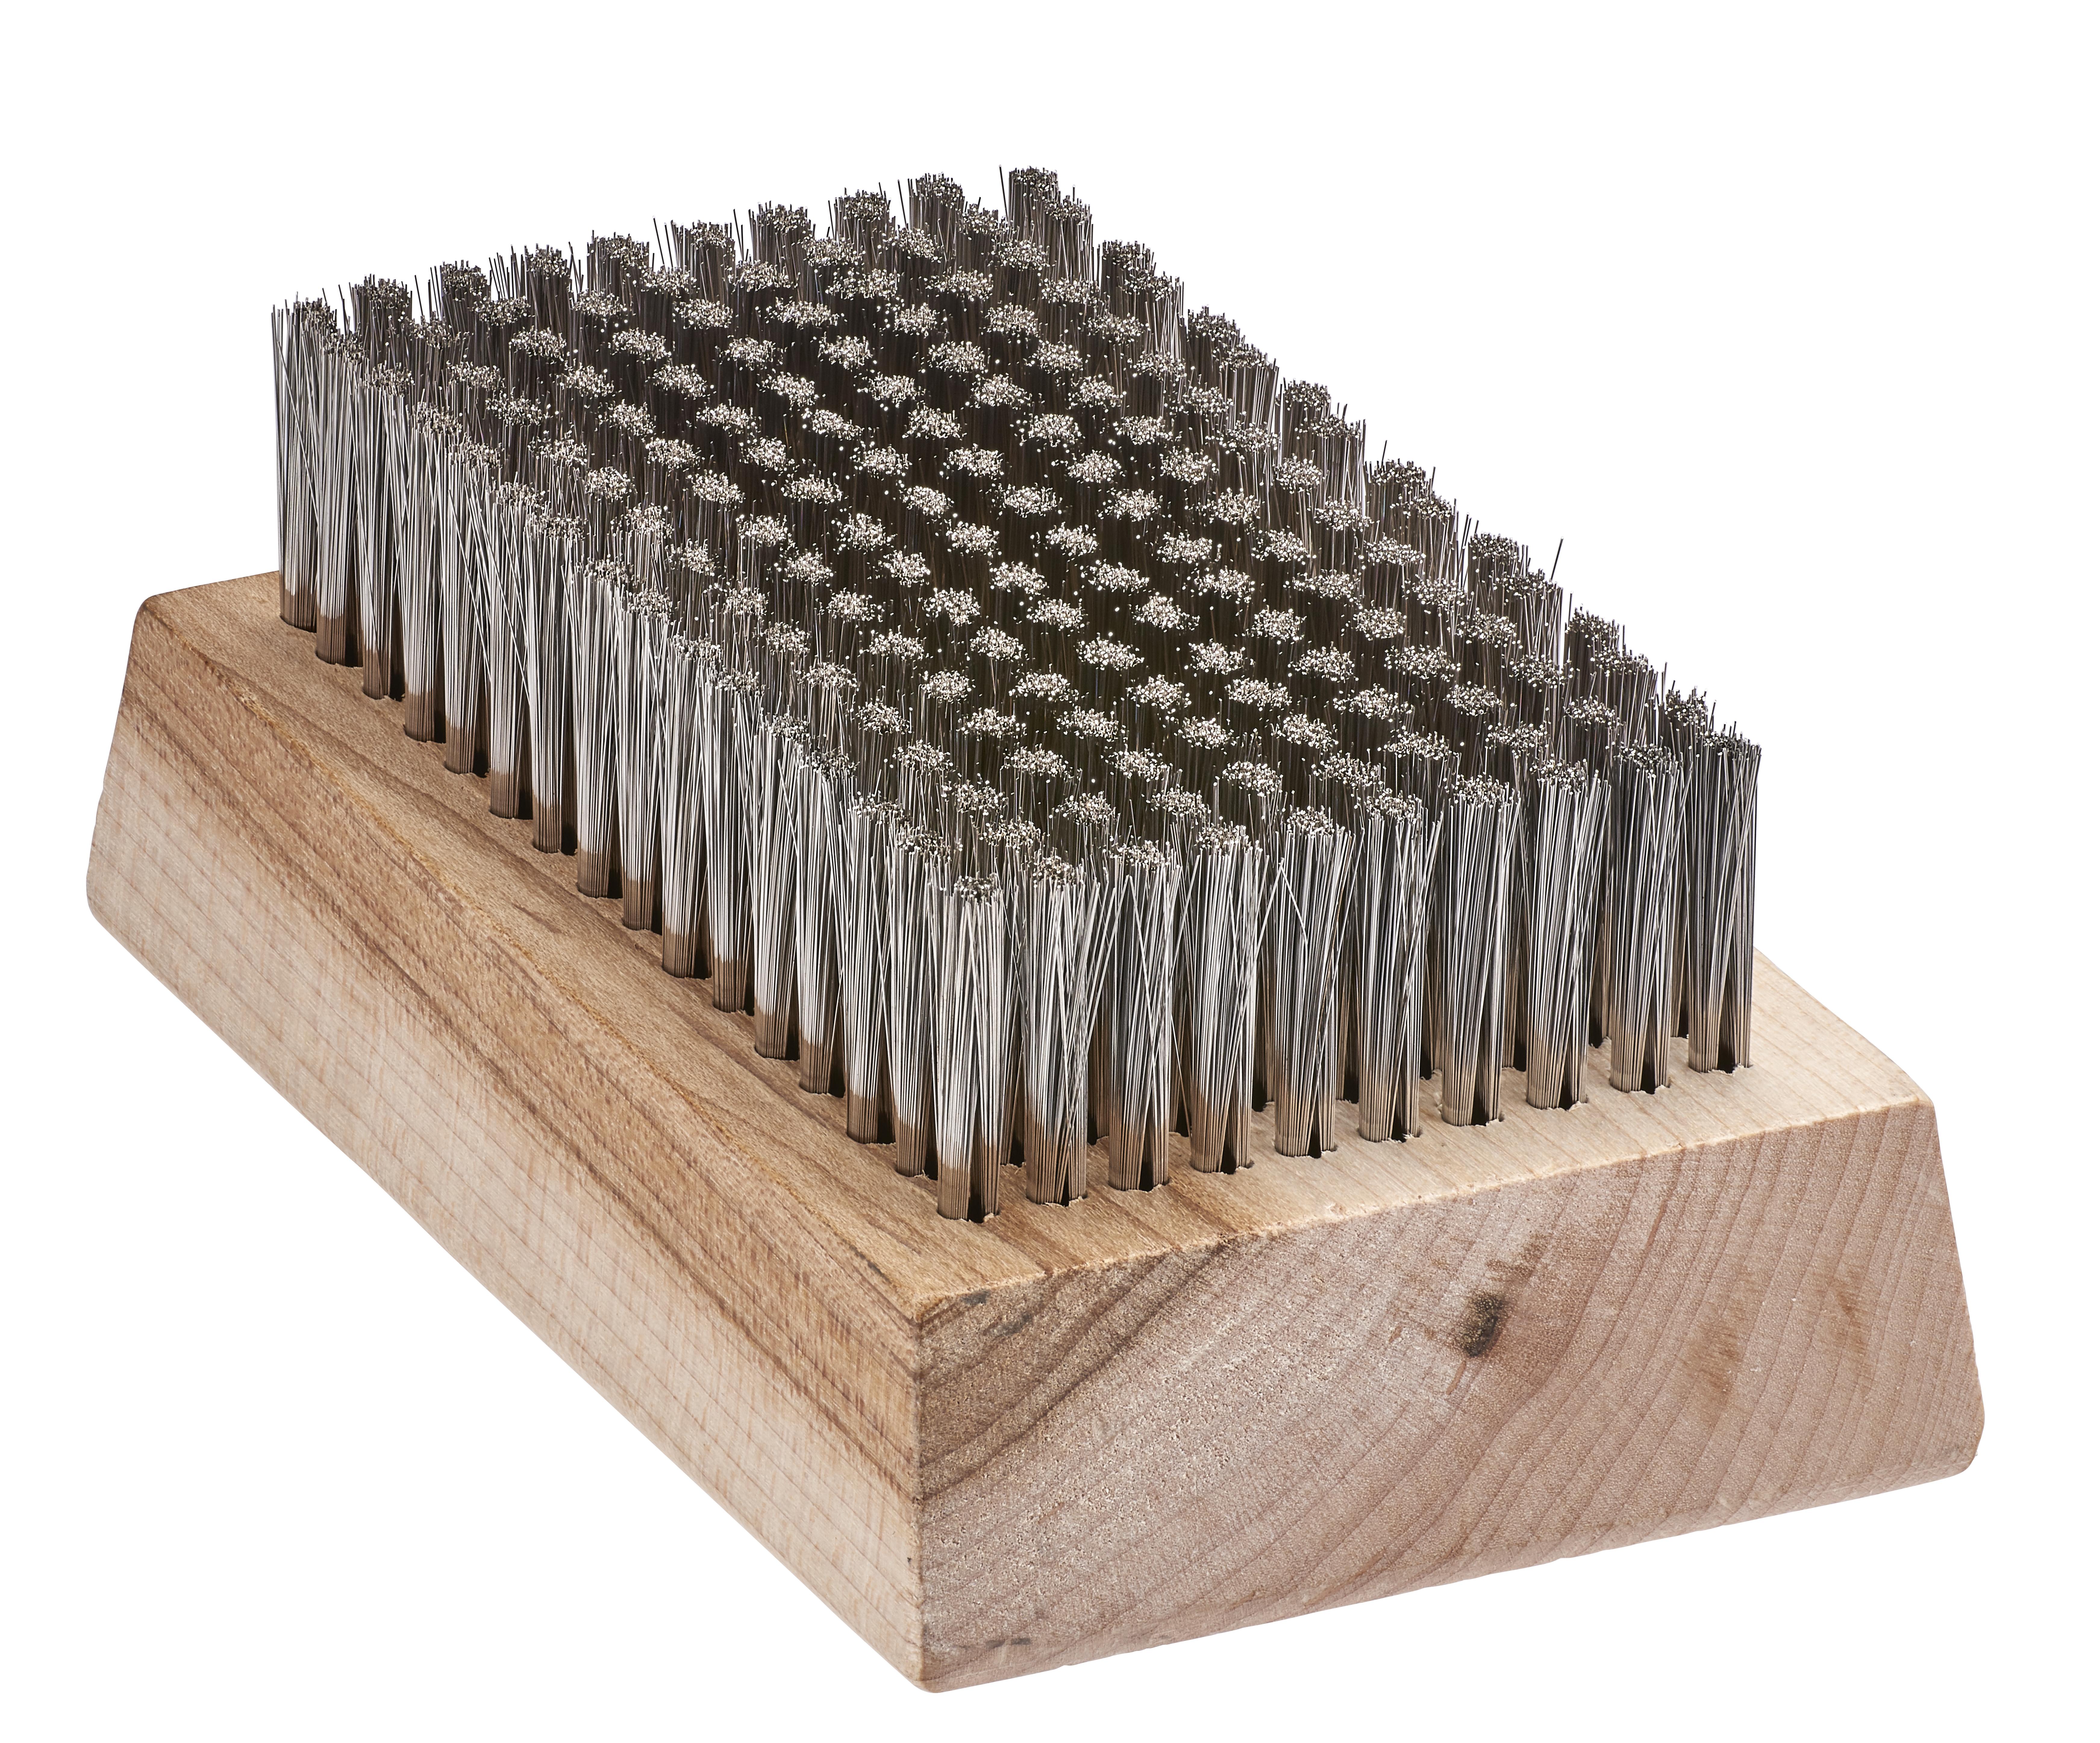 04000 Anilox Brush